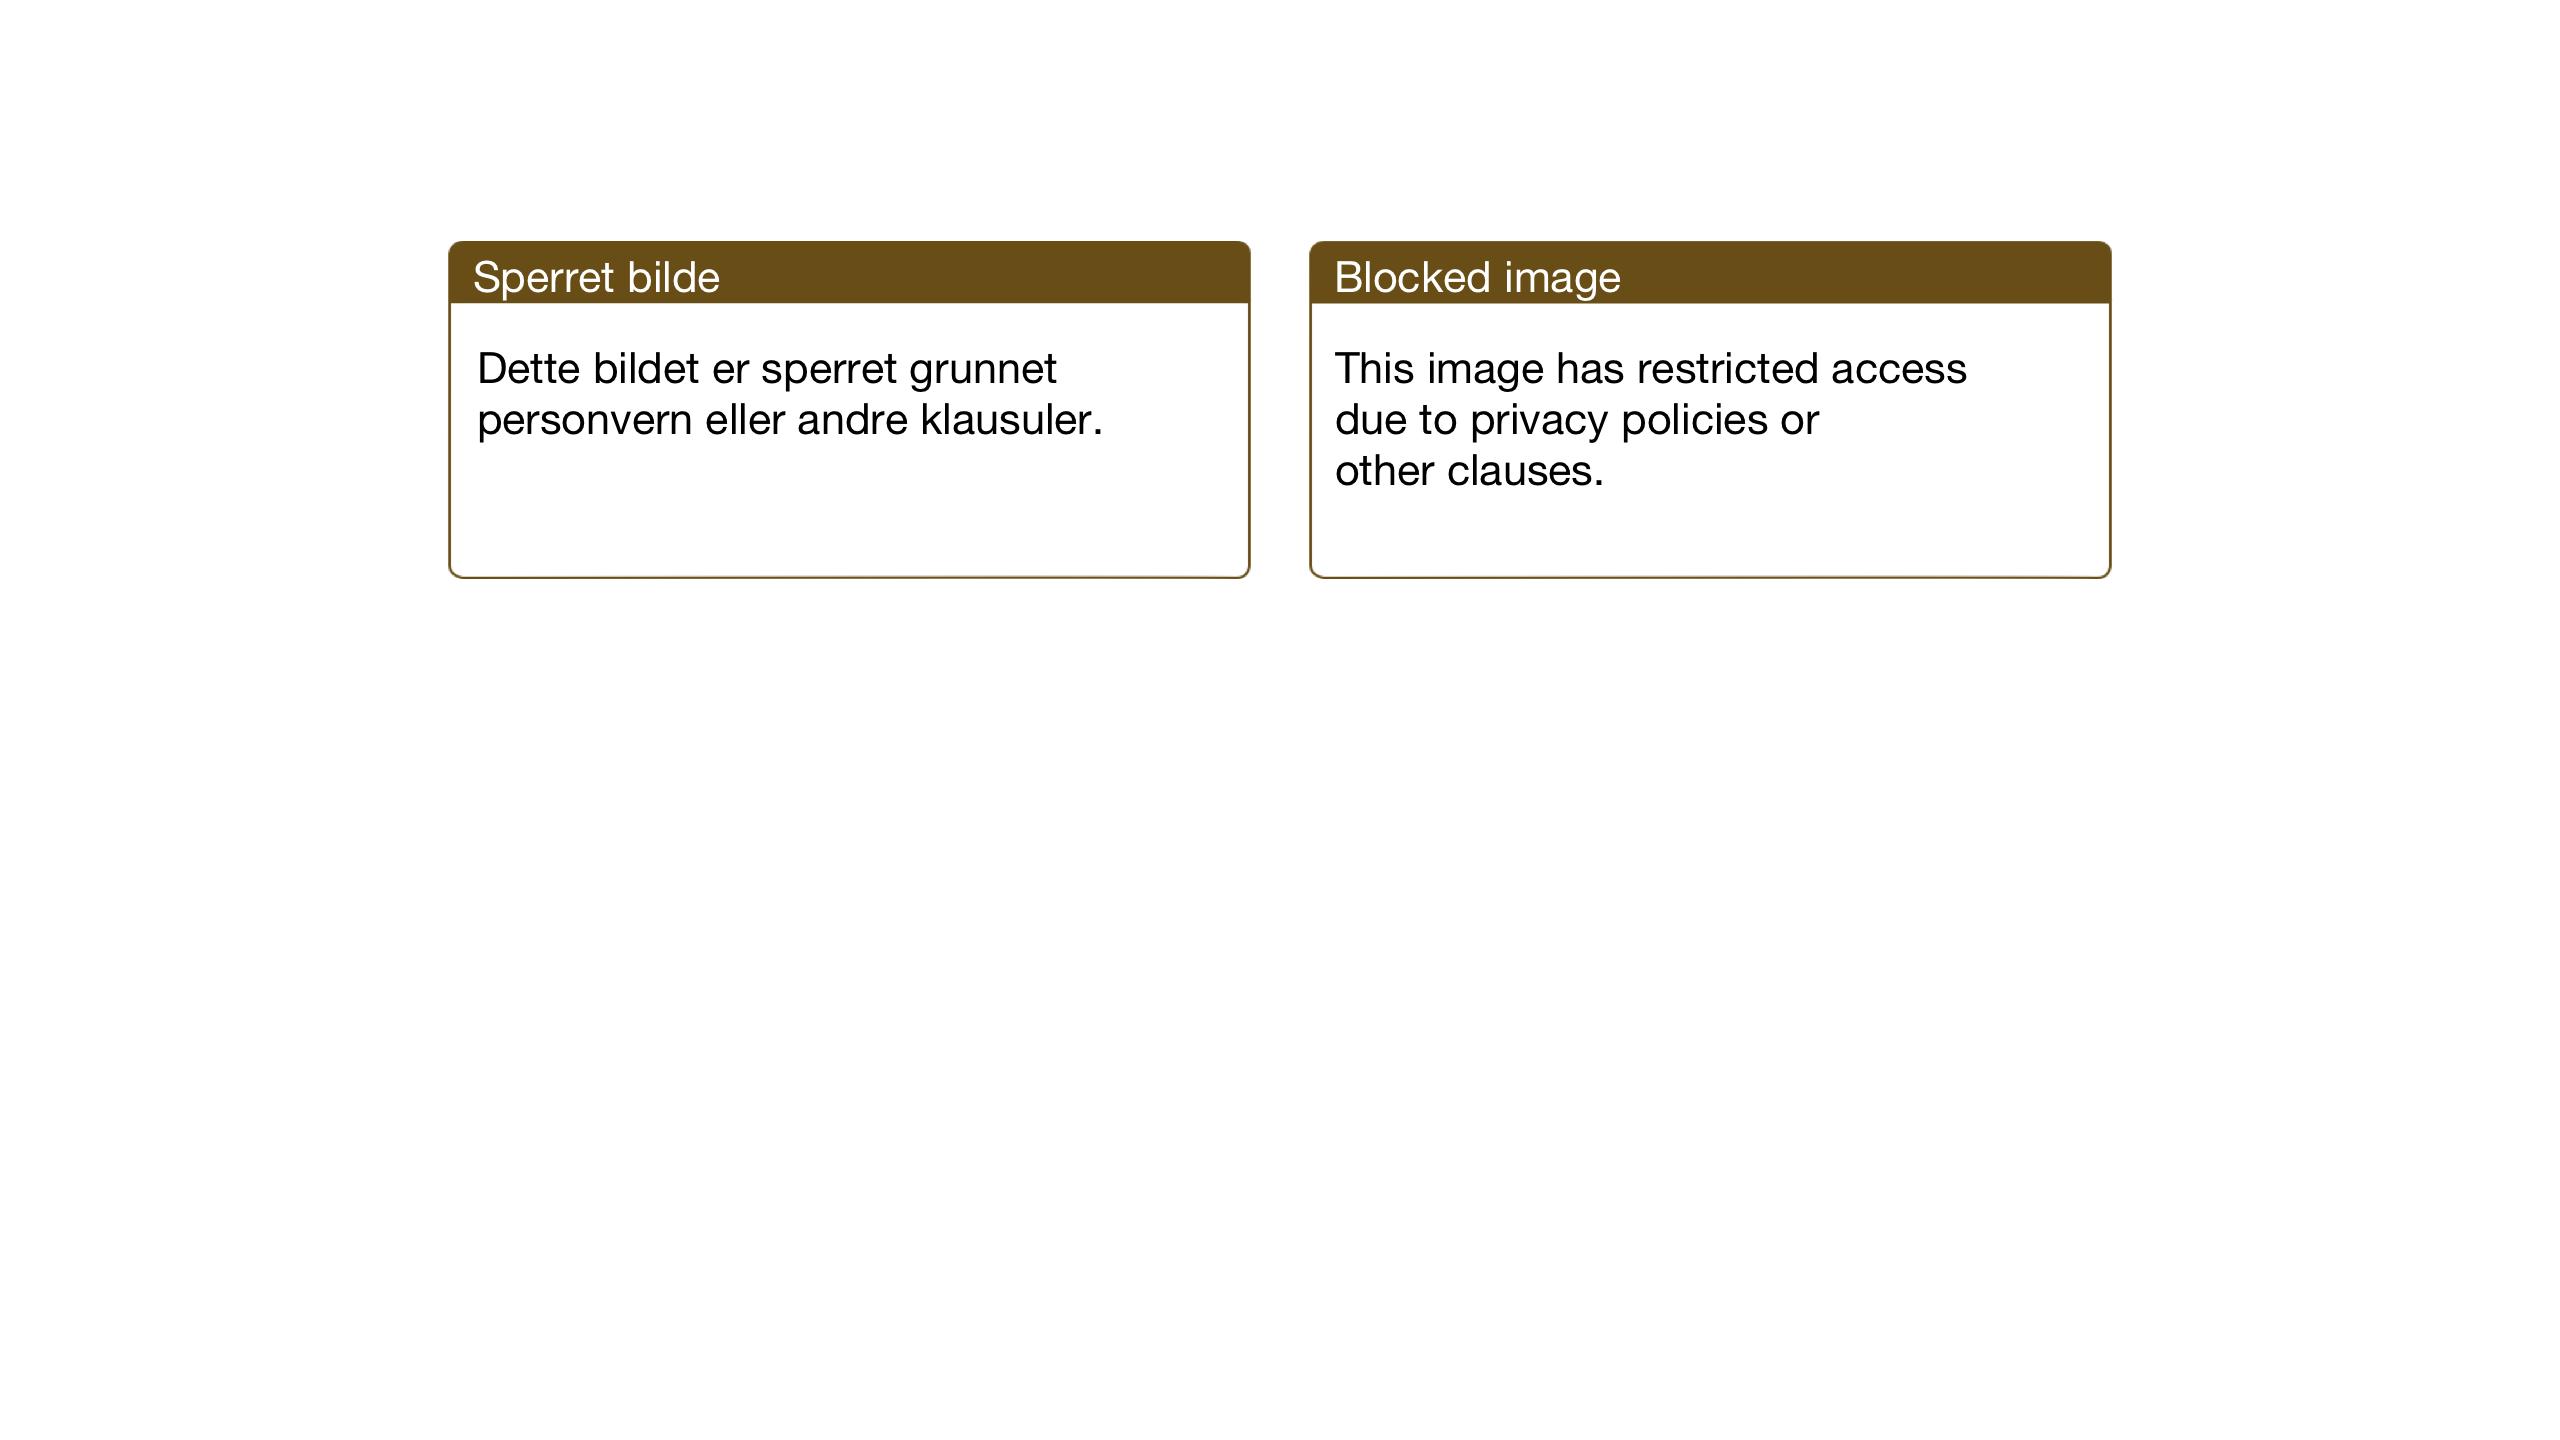 SAT, Ministerialprotokoller, klokkerbøker og fødselsregistre - Sør-Trøndelag, 640/L0590: Klokkerbok nr. 640C07, 1935-1948, s. 75